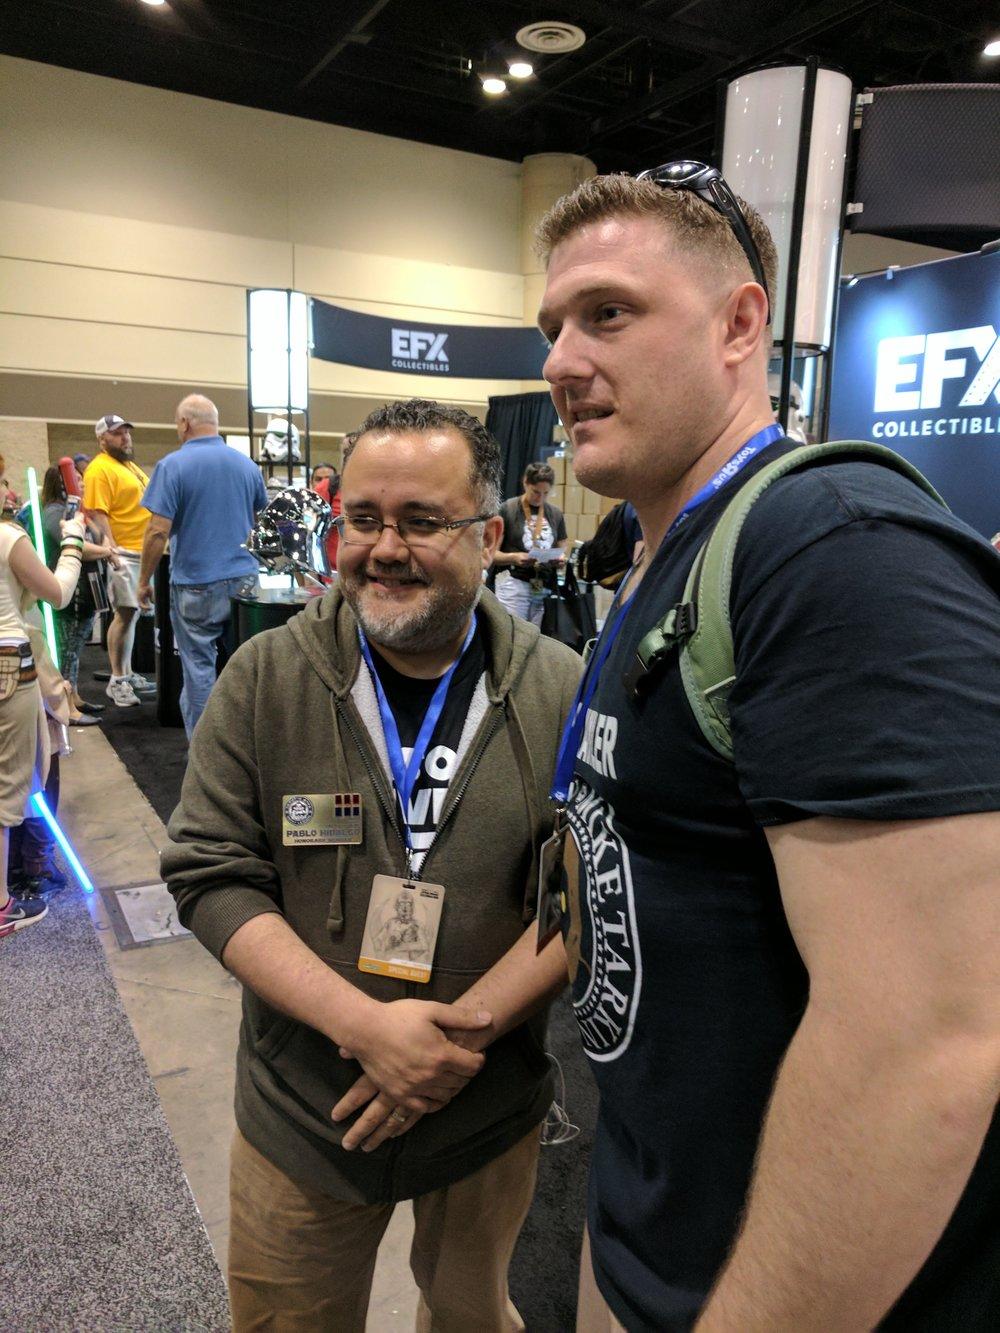 Dan meets Lucasfilm's Pablo Hildago